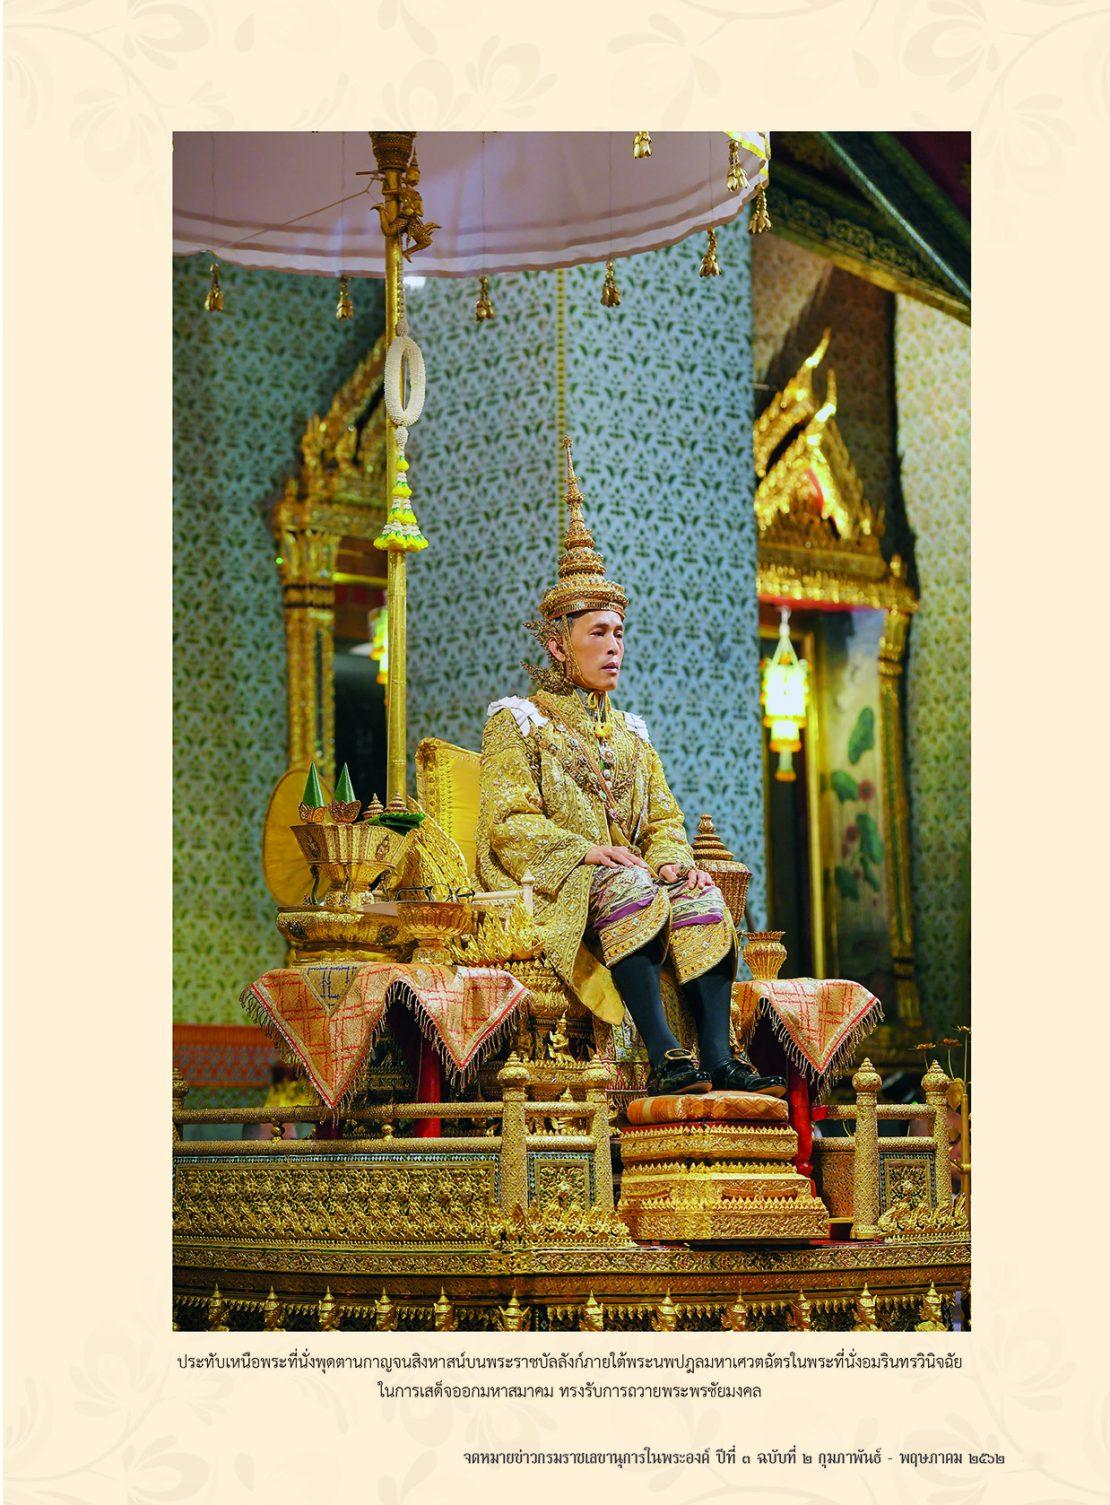 พระราชพิธีบรมราชาภิเษก พระบาทสมเด็จพระวชิรเกล้าเจ้าอยู่หัว